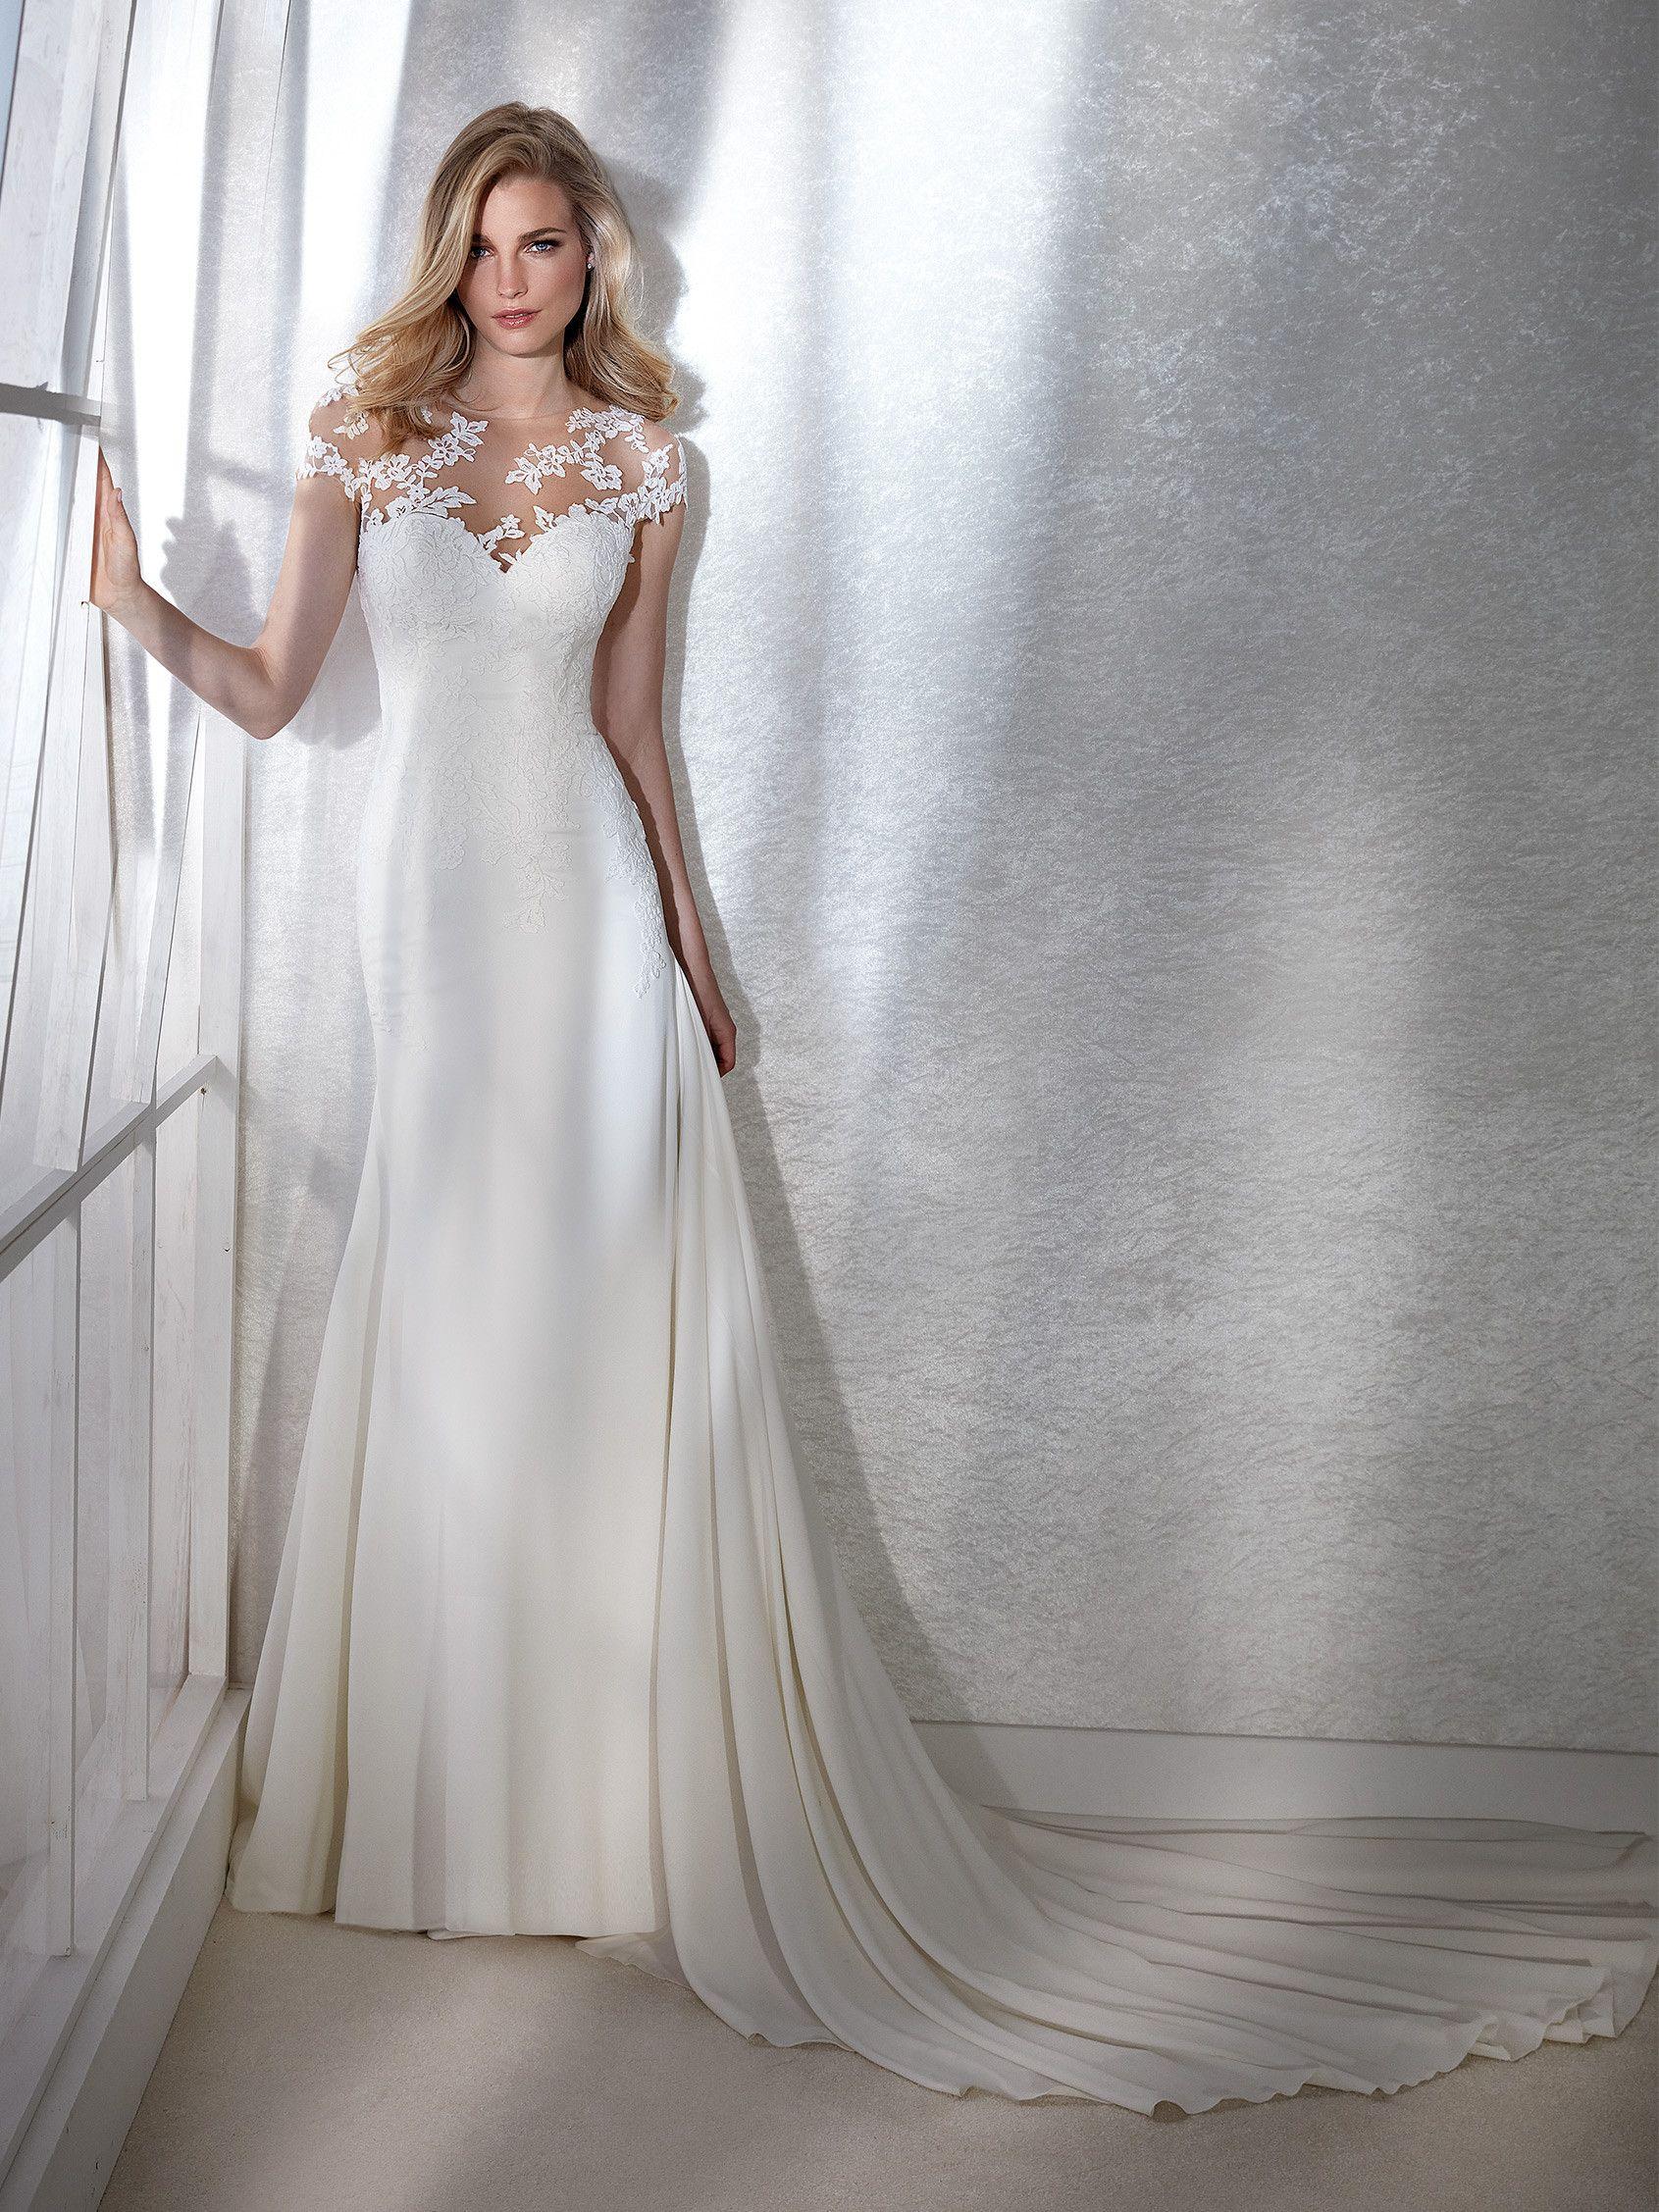 Картинки свадебное платье не белое